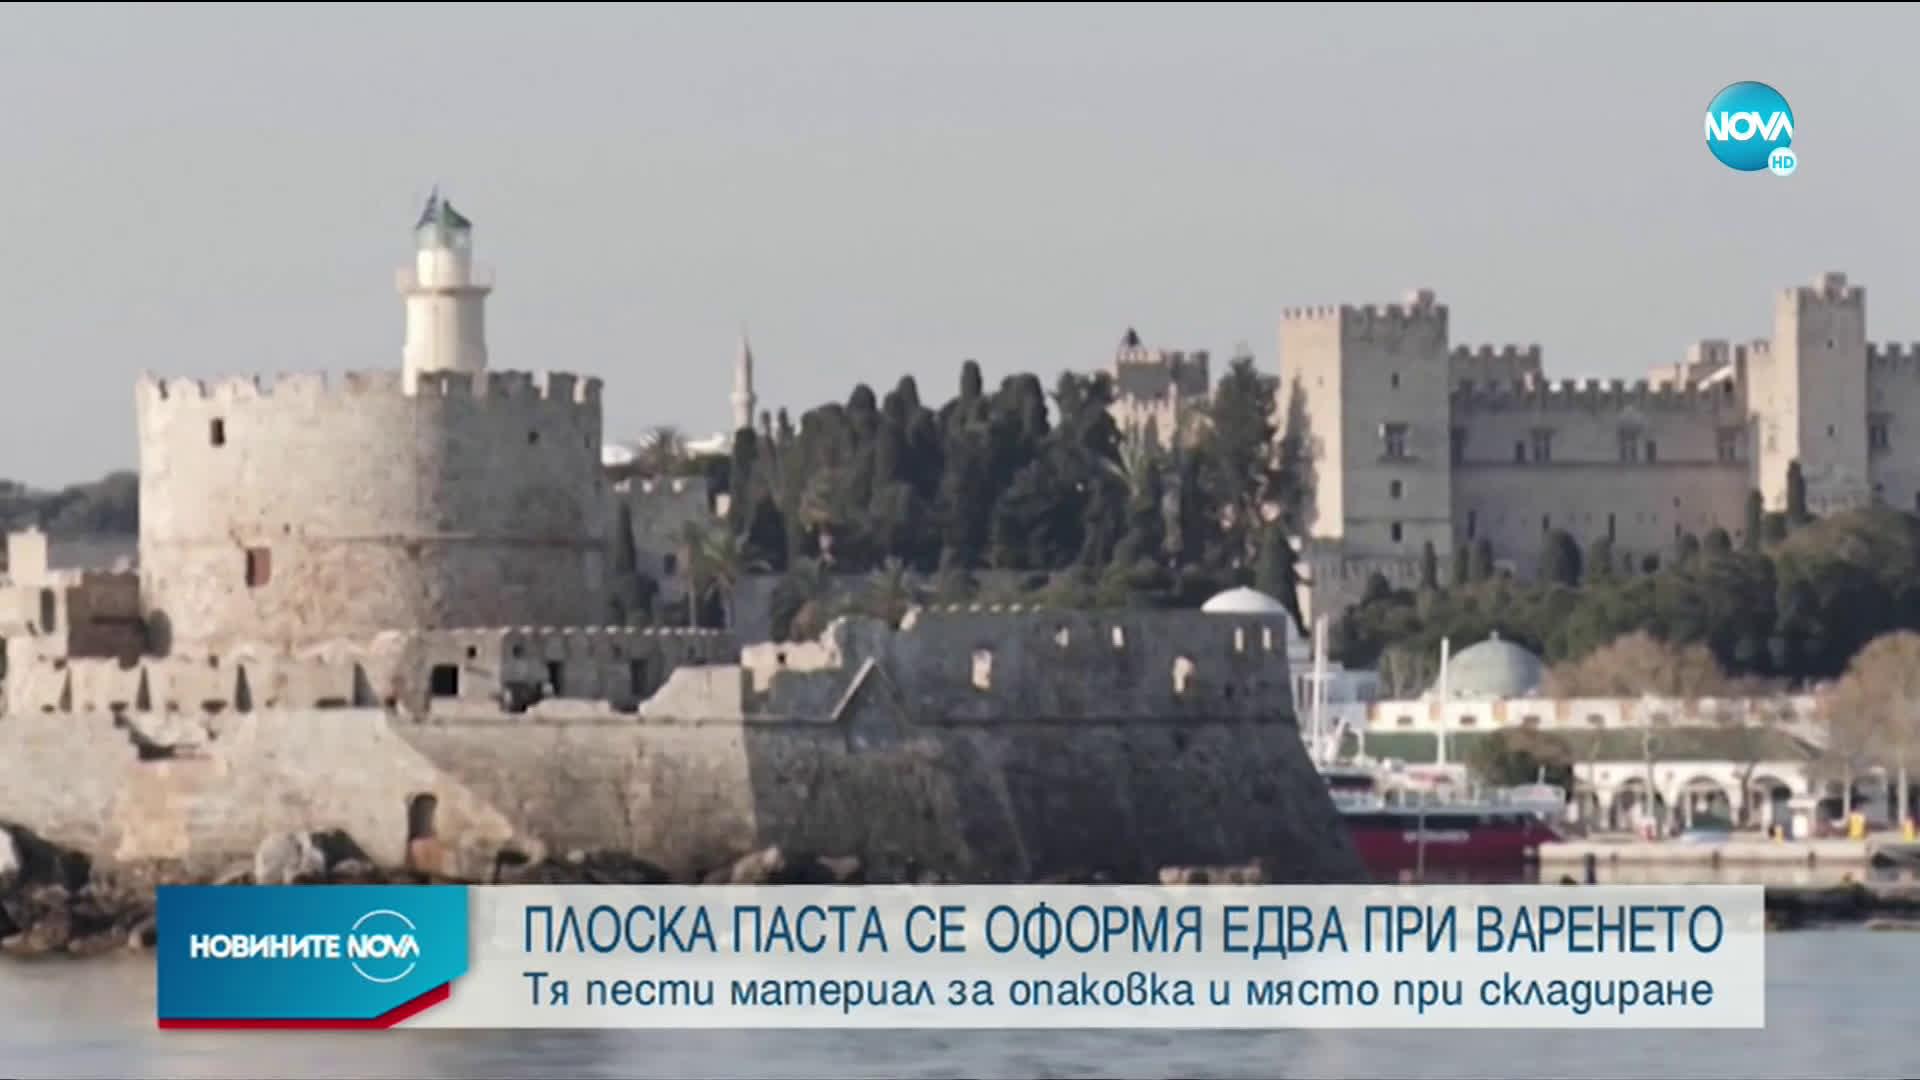 Гърция ще ваксинира цялото население на островите до 25 юни